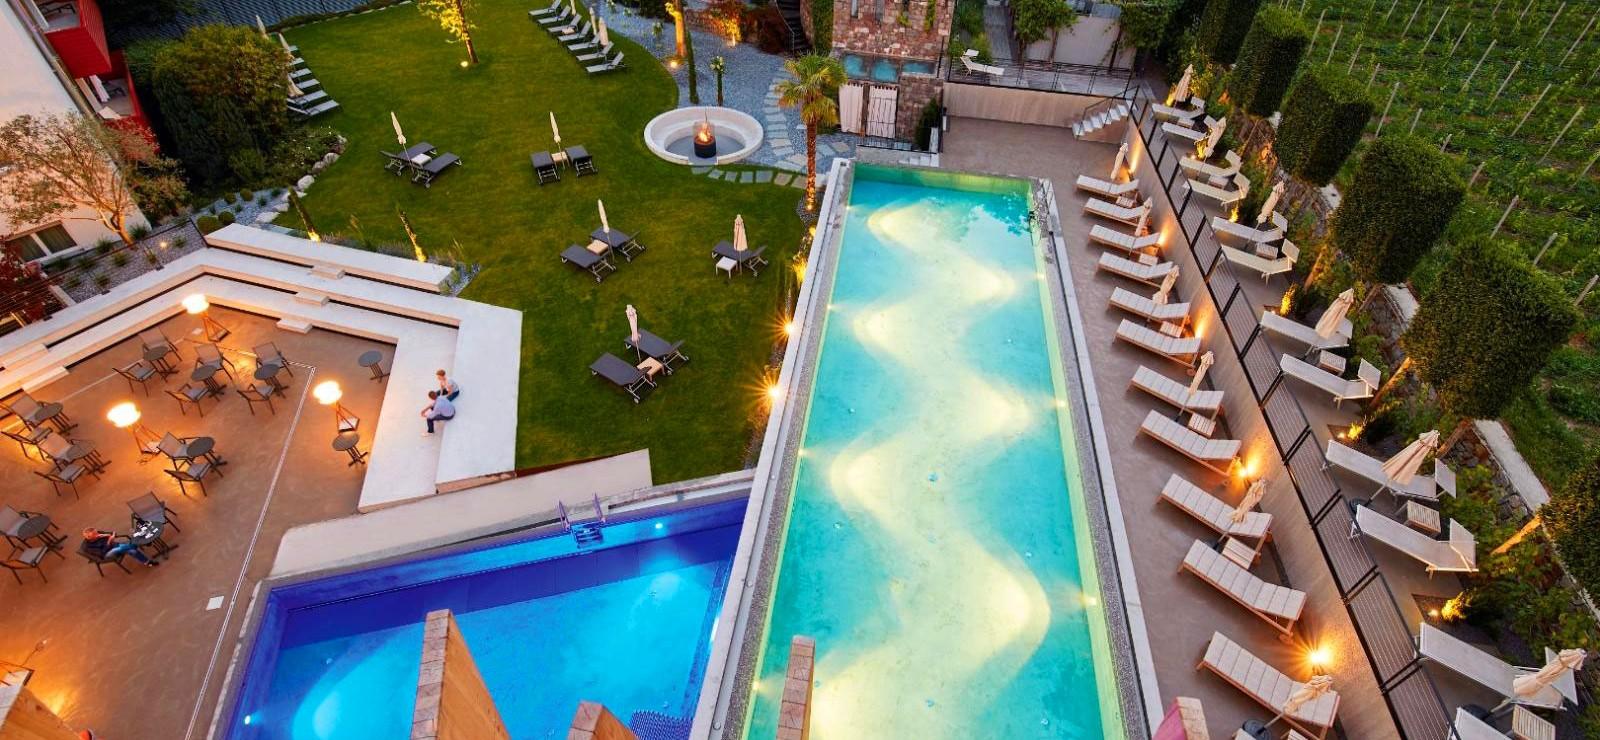 Lindenhof Lifestyle DolceVita Resort Bilder | Bild 1